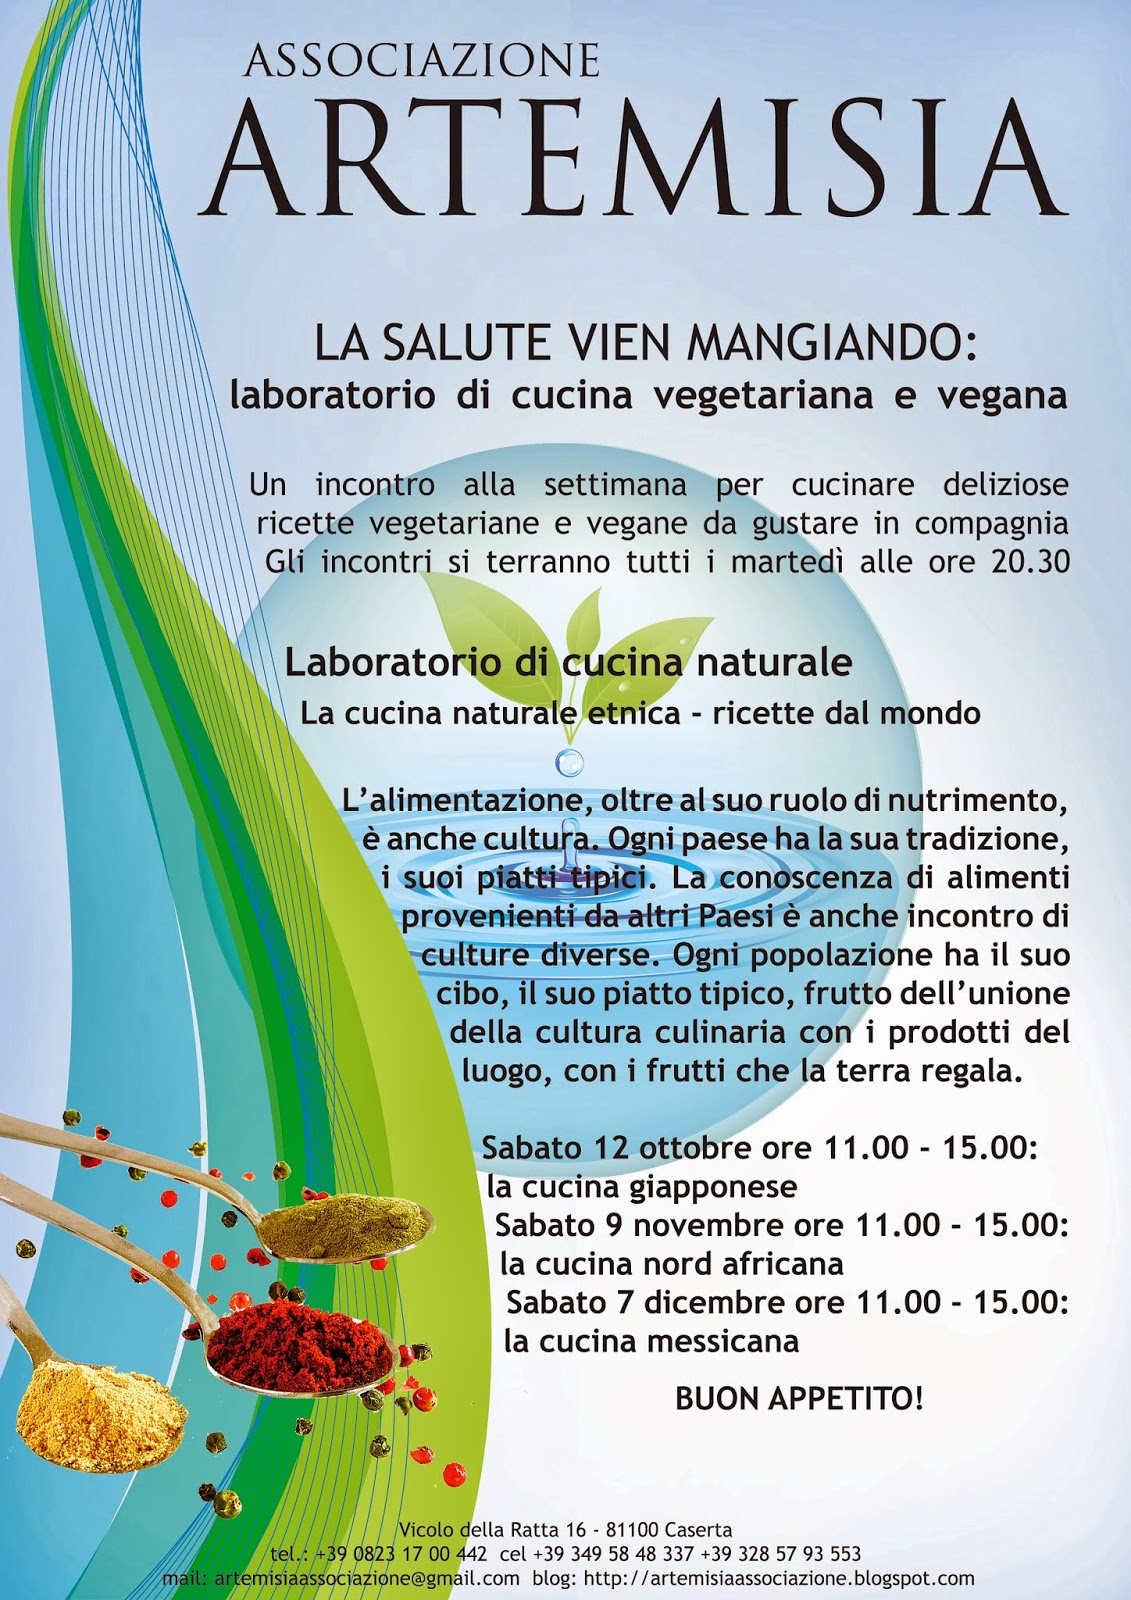 associazione artemisia: laboratorio di cucina vegetariana e vegana - Blog Di Cucina Vegana